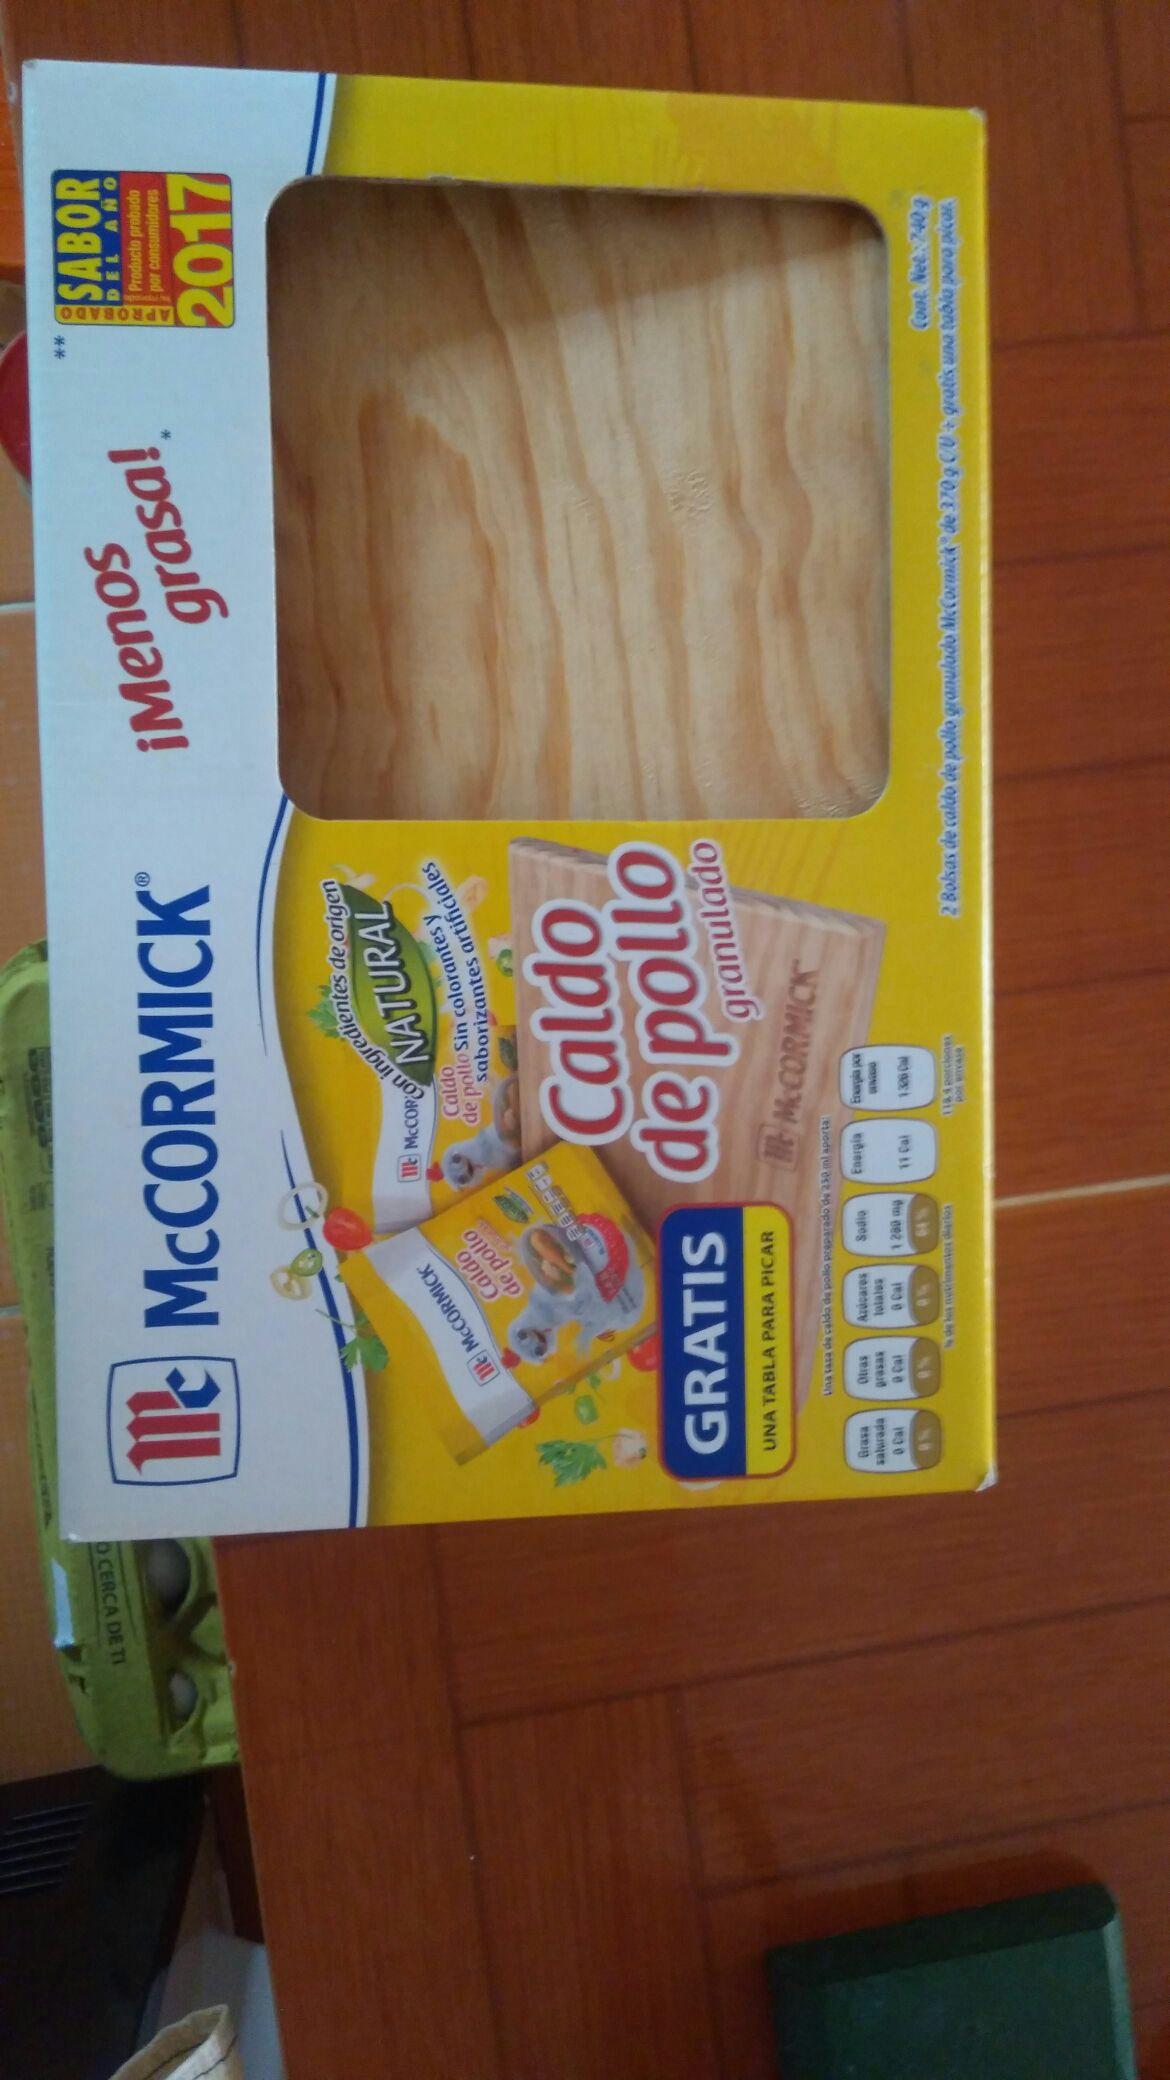 Bodega Aurrerá: caldo de pollo + tabla 12.01 y más  liquidaciónes (jueguetes etc..)